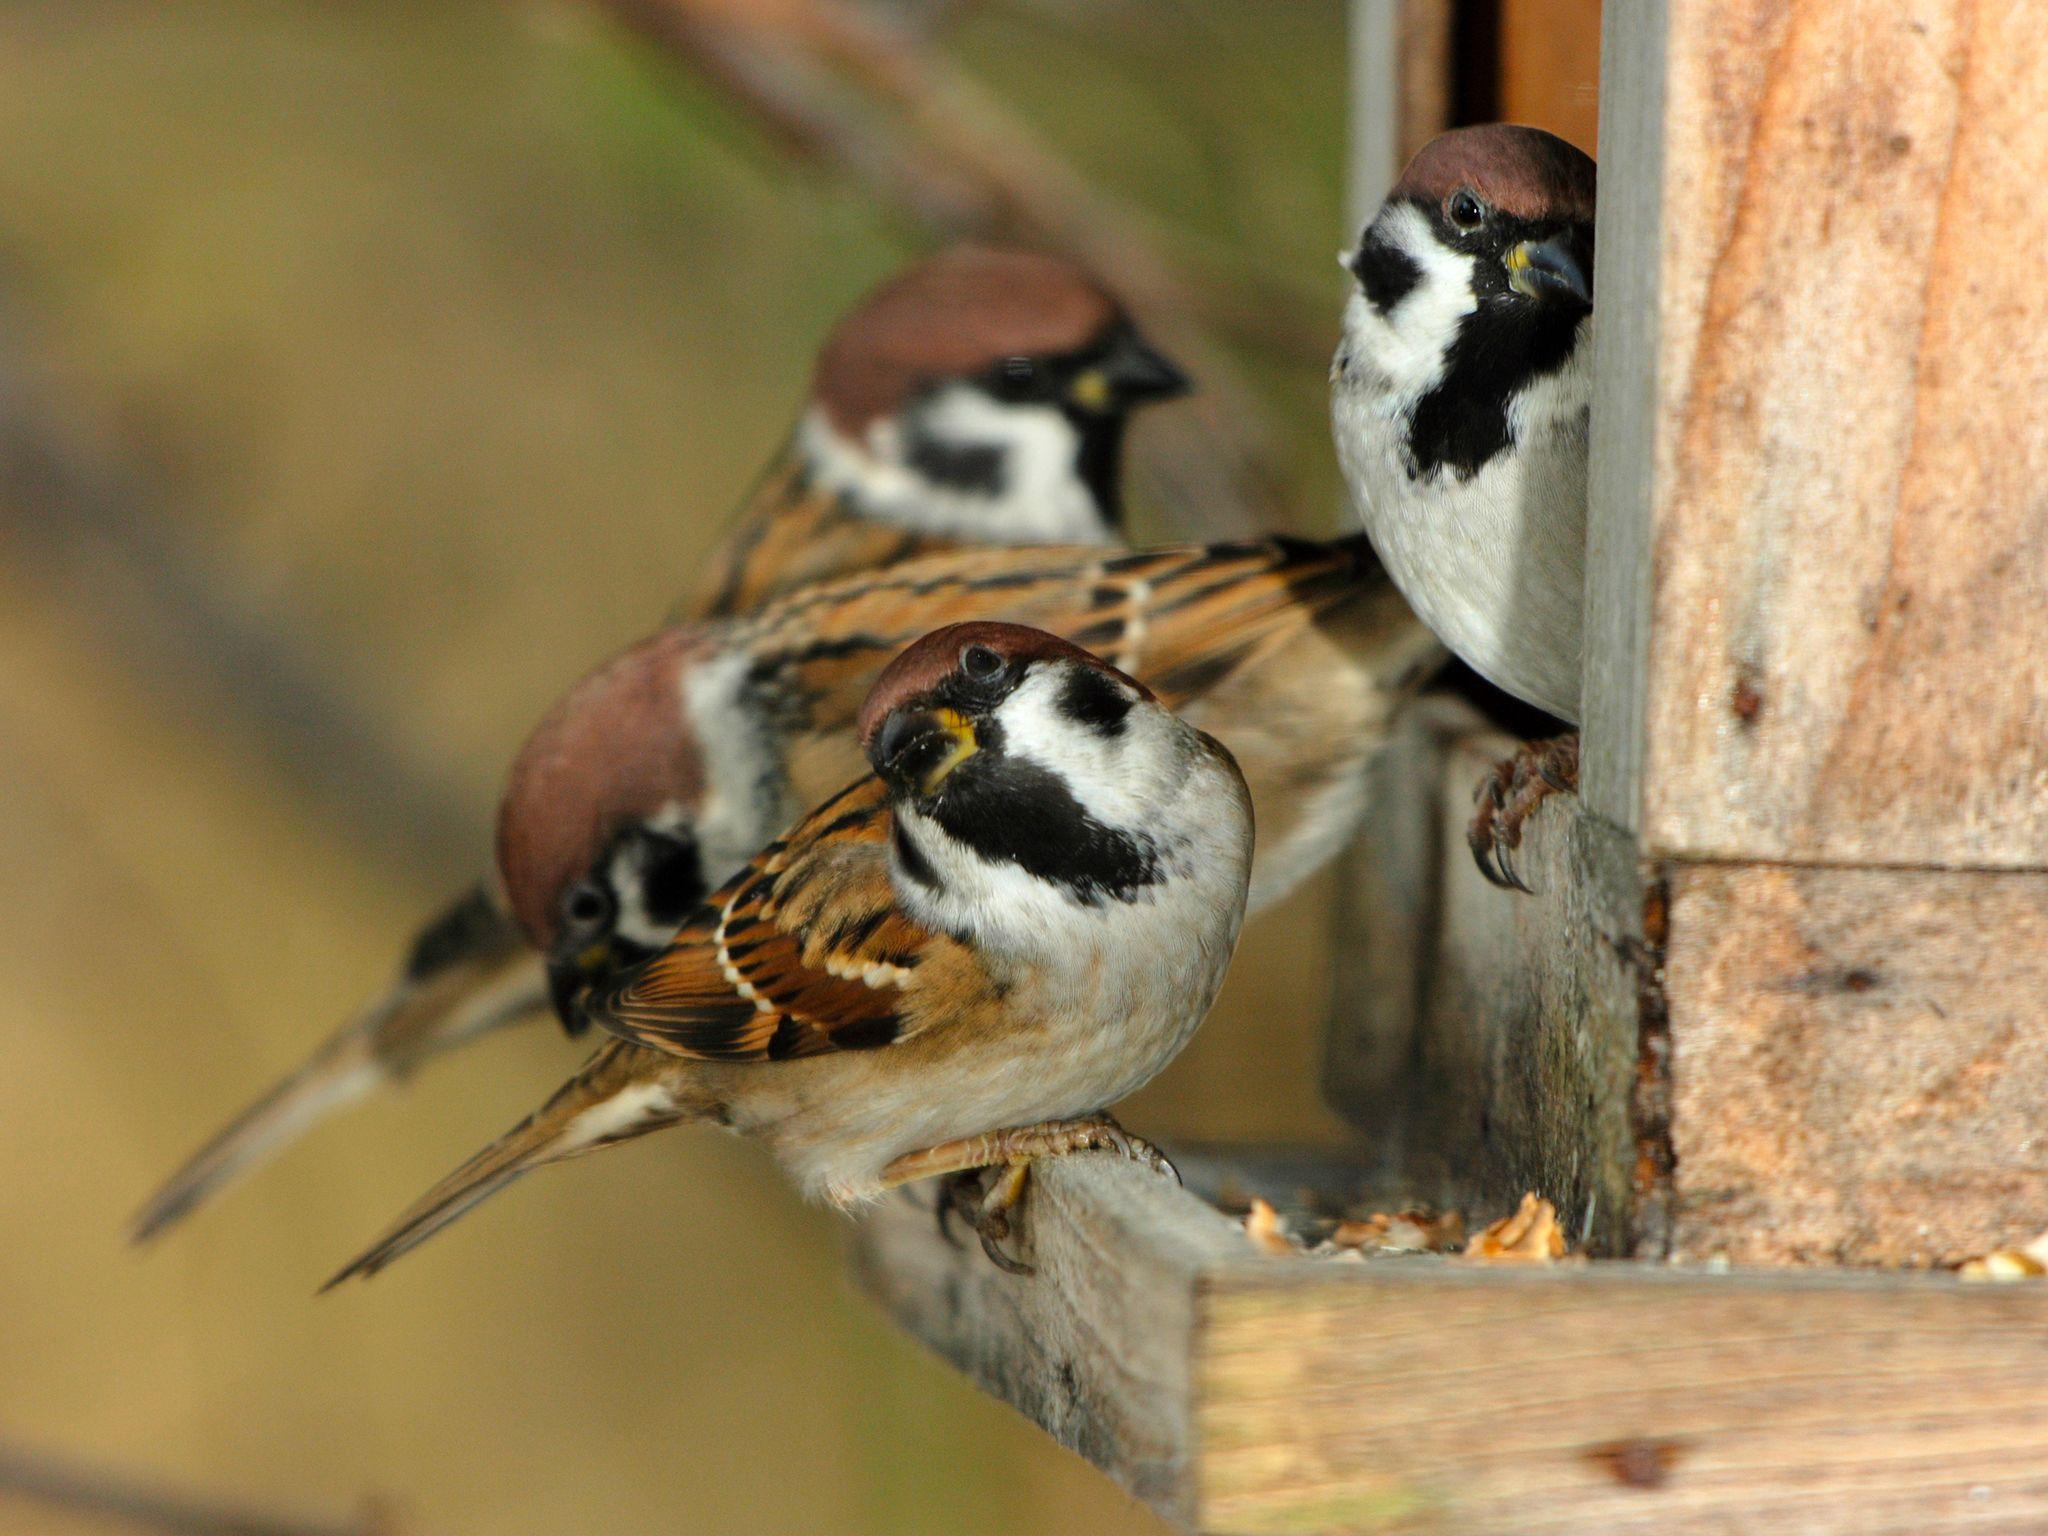 عدد لا يحصى من الطيور المغردة تعيش في حديقتنا. فضلاً... [Photo of the day - يناير 2015]